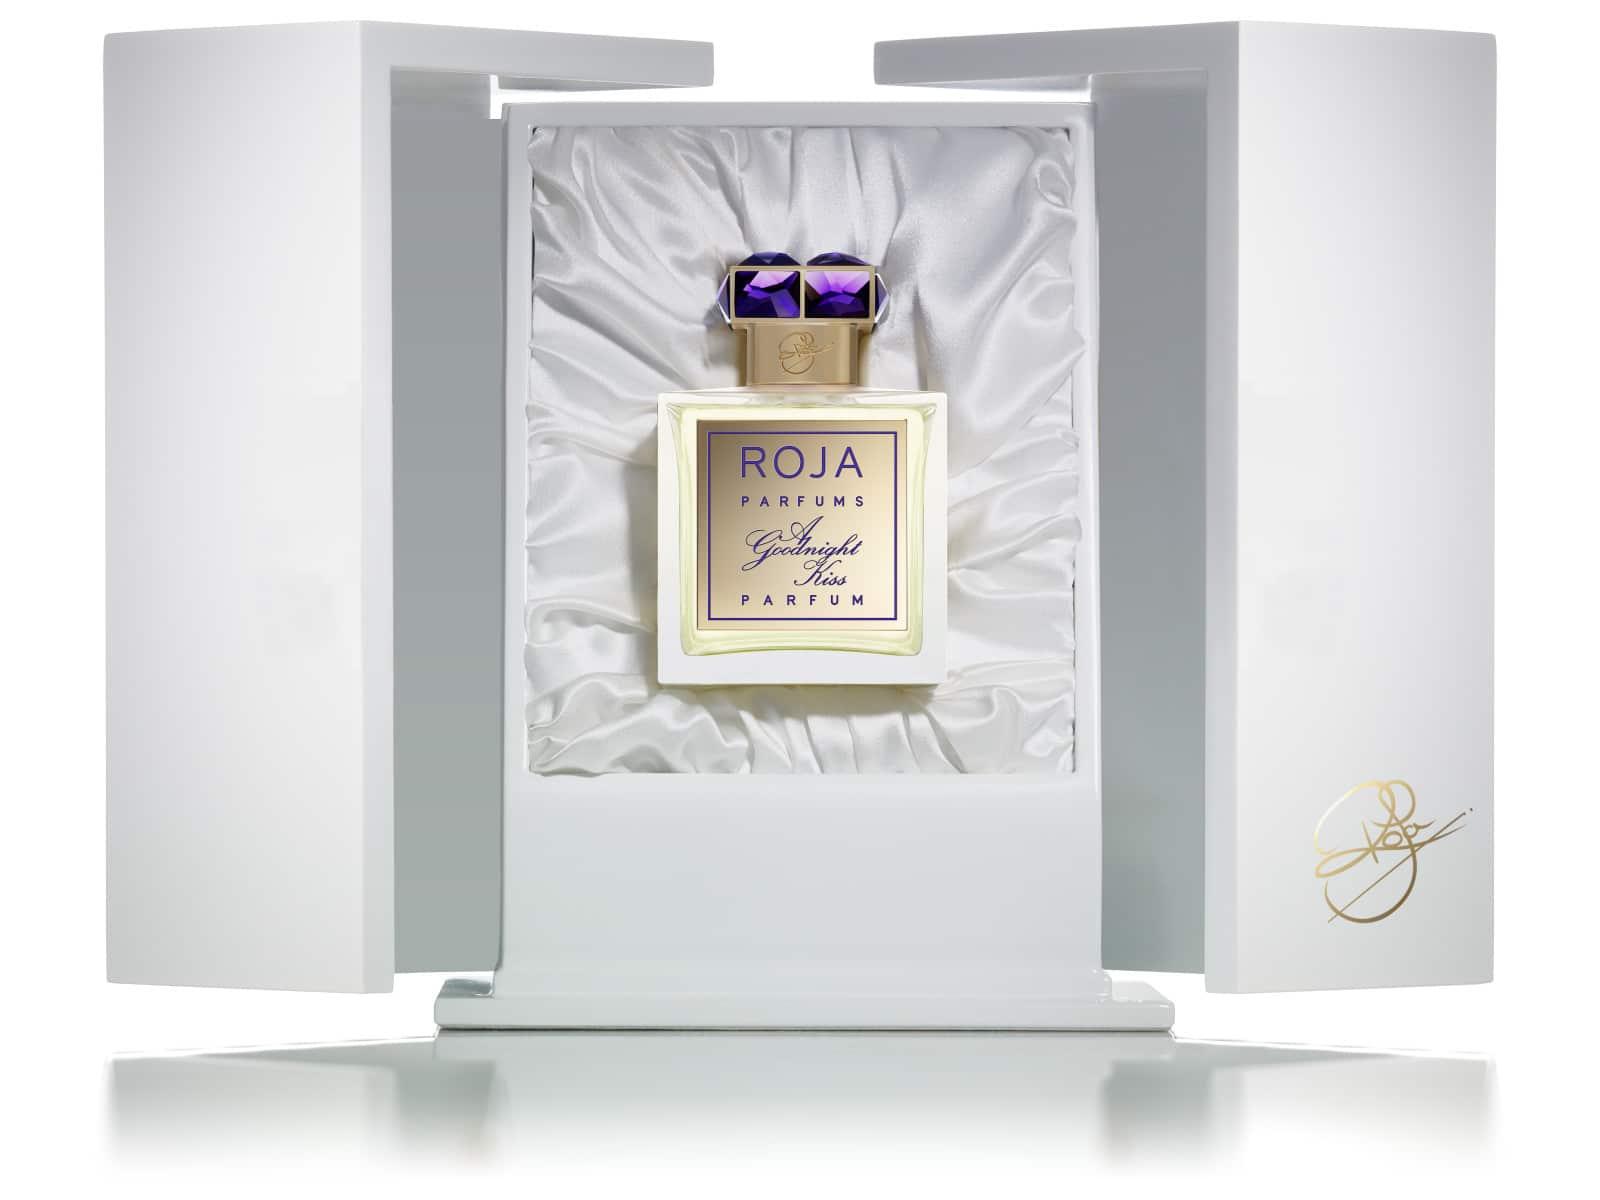 Roja Parfums - A Goodnight Kiss - Extrait de Parfum - Design